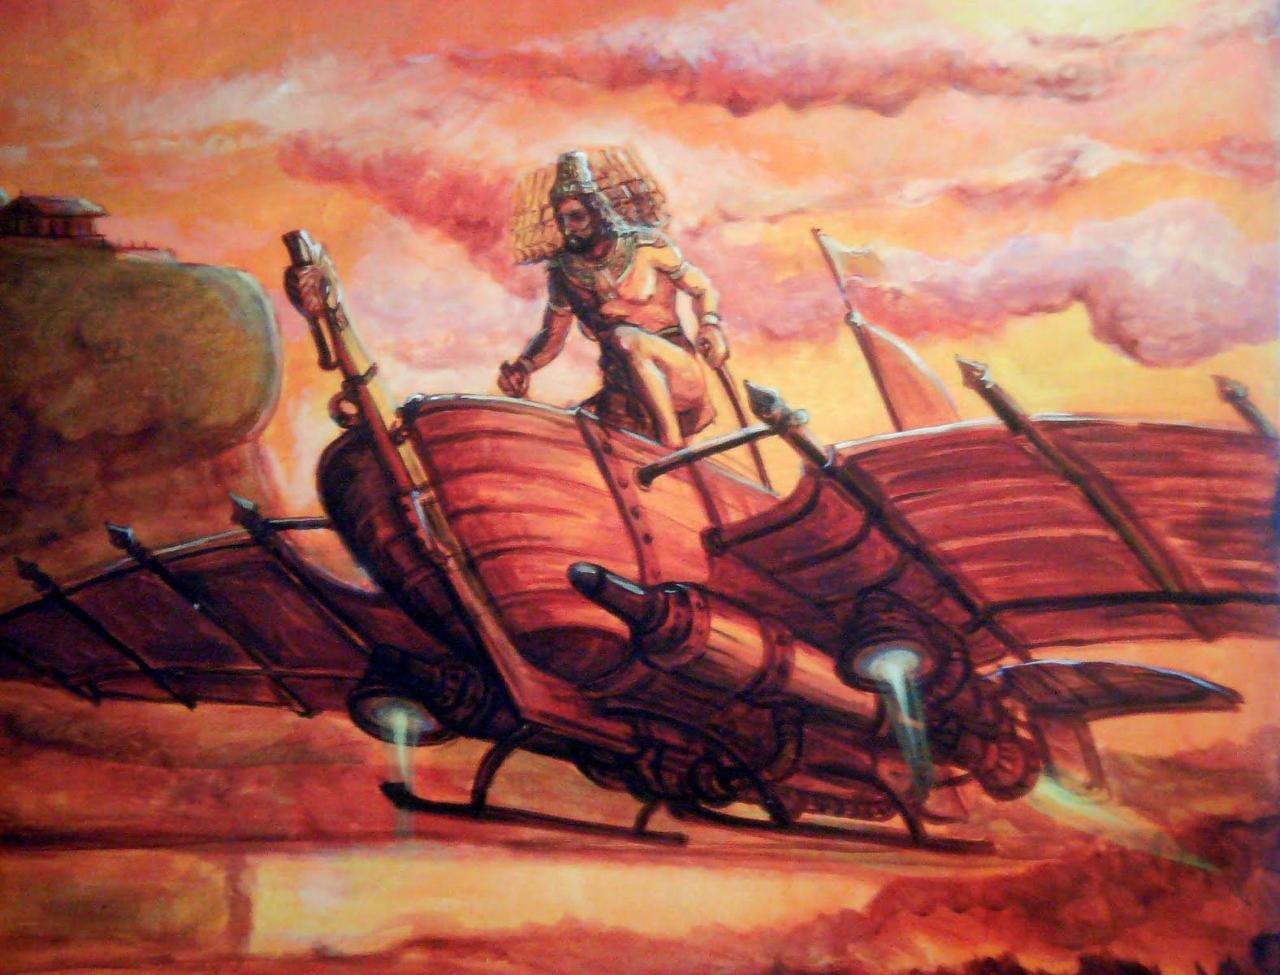 Летательные аппараты древних цивилизаций